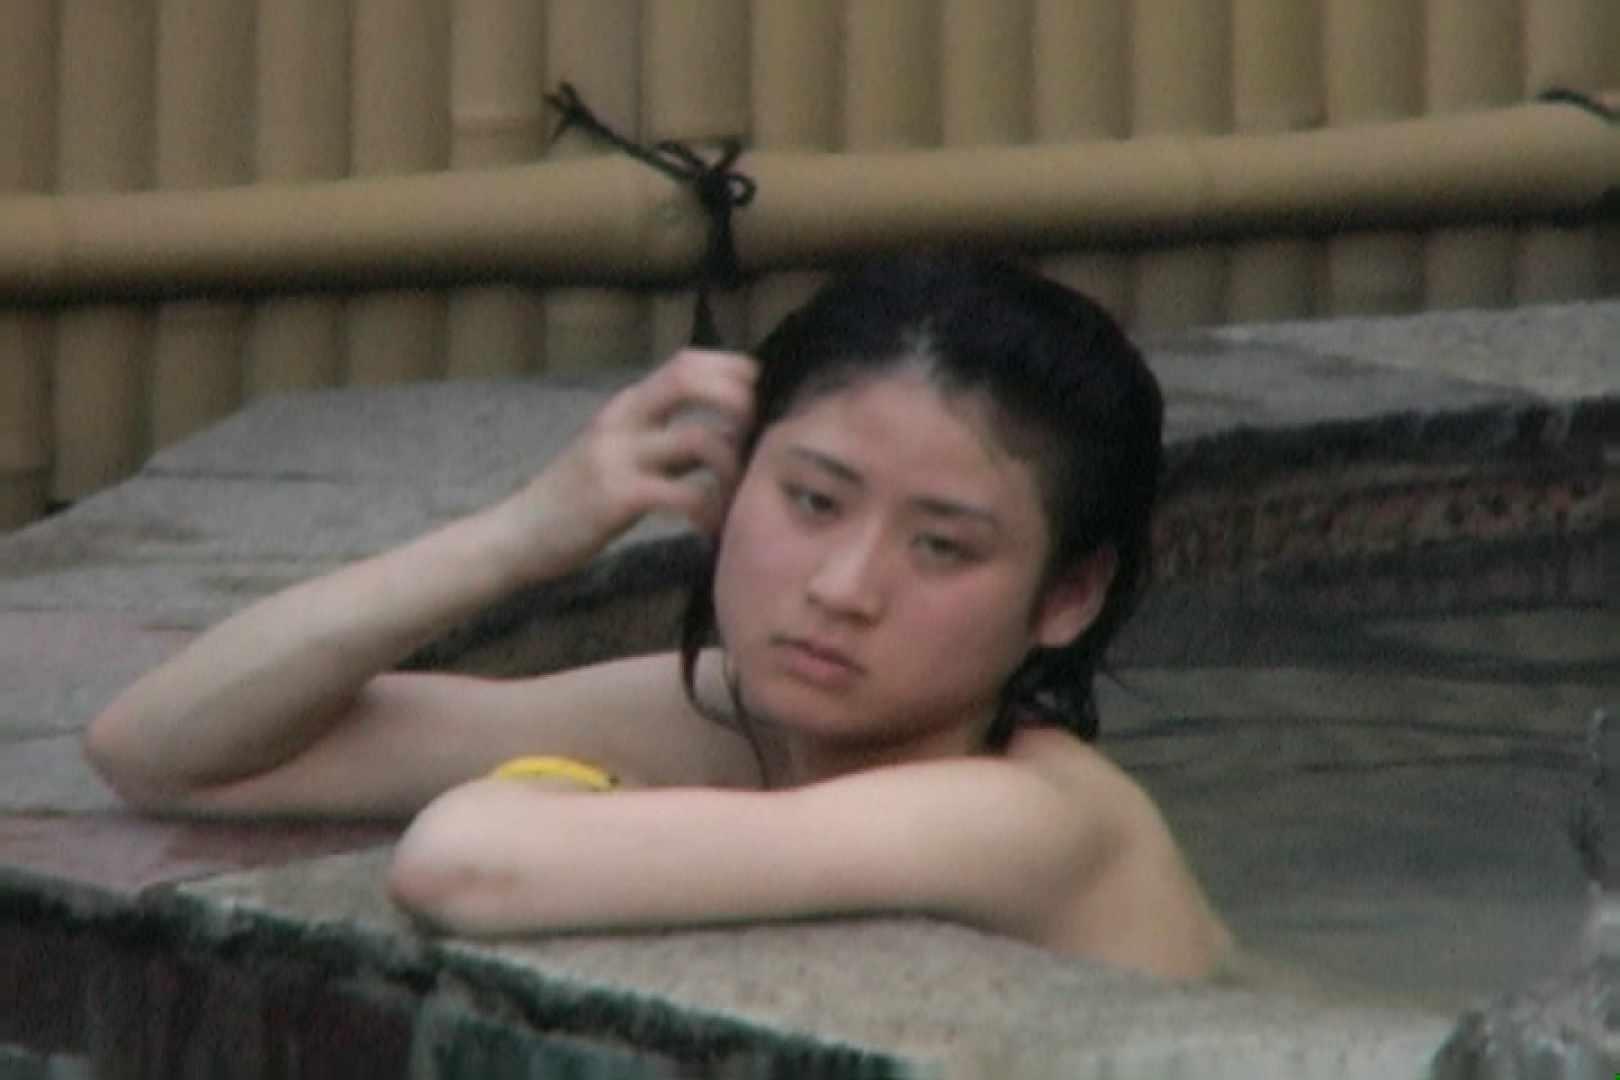 高画質露天女風呂観察 vol.004 乙女のエロ動画 盗撮画像 99PIX 99